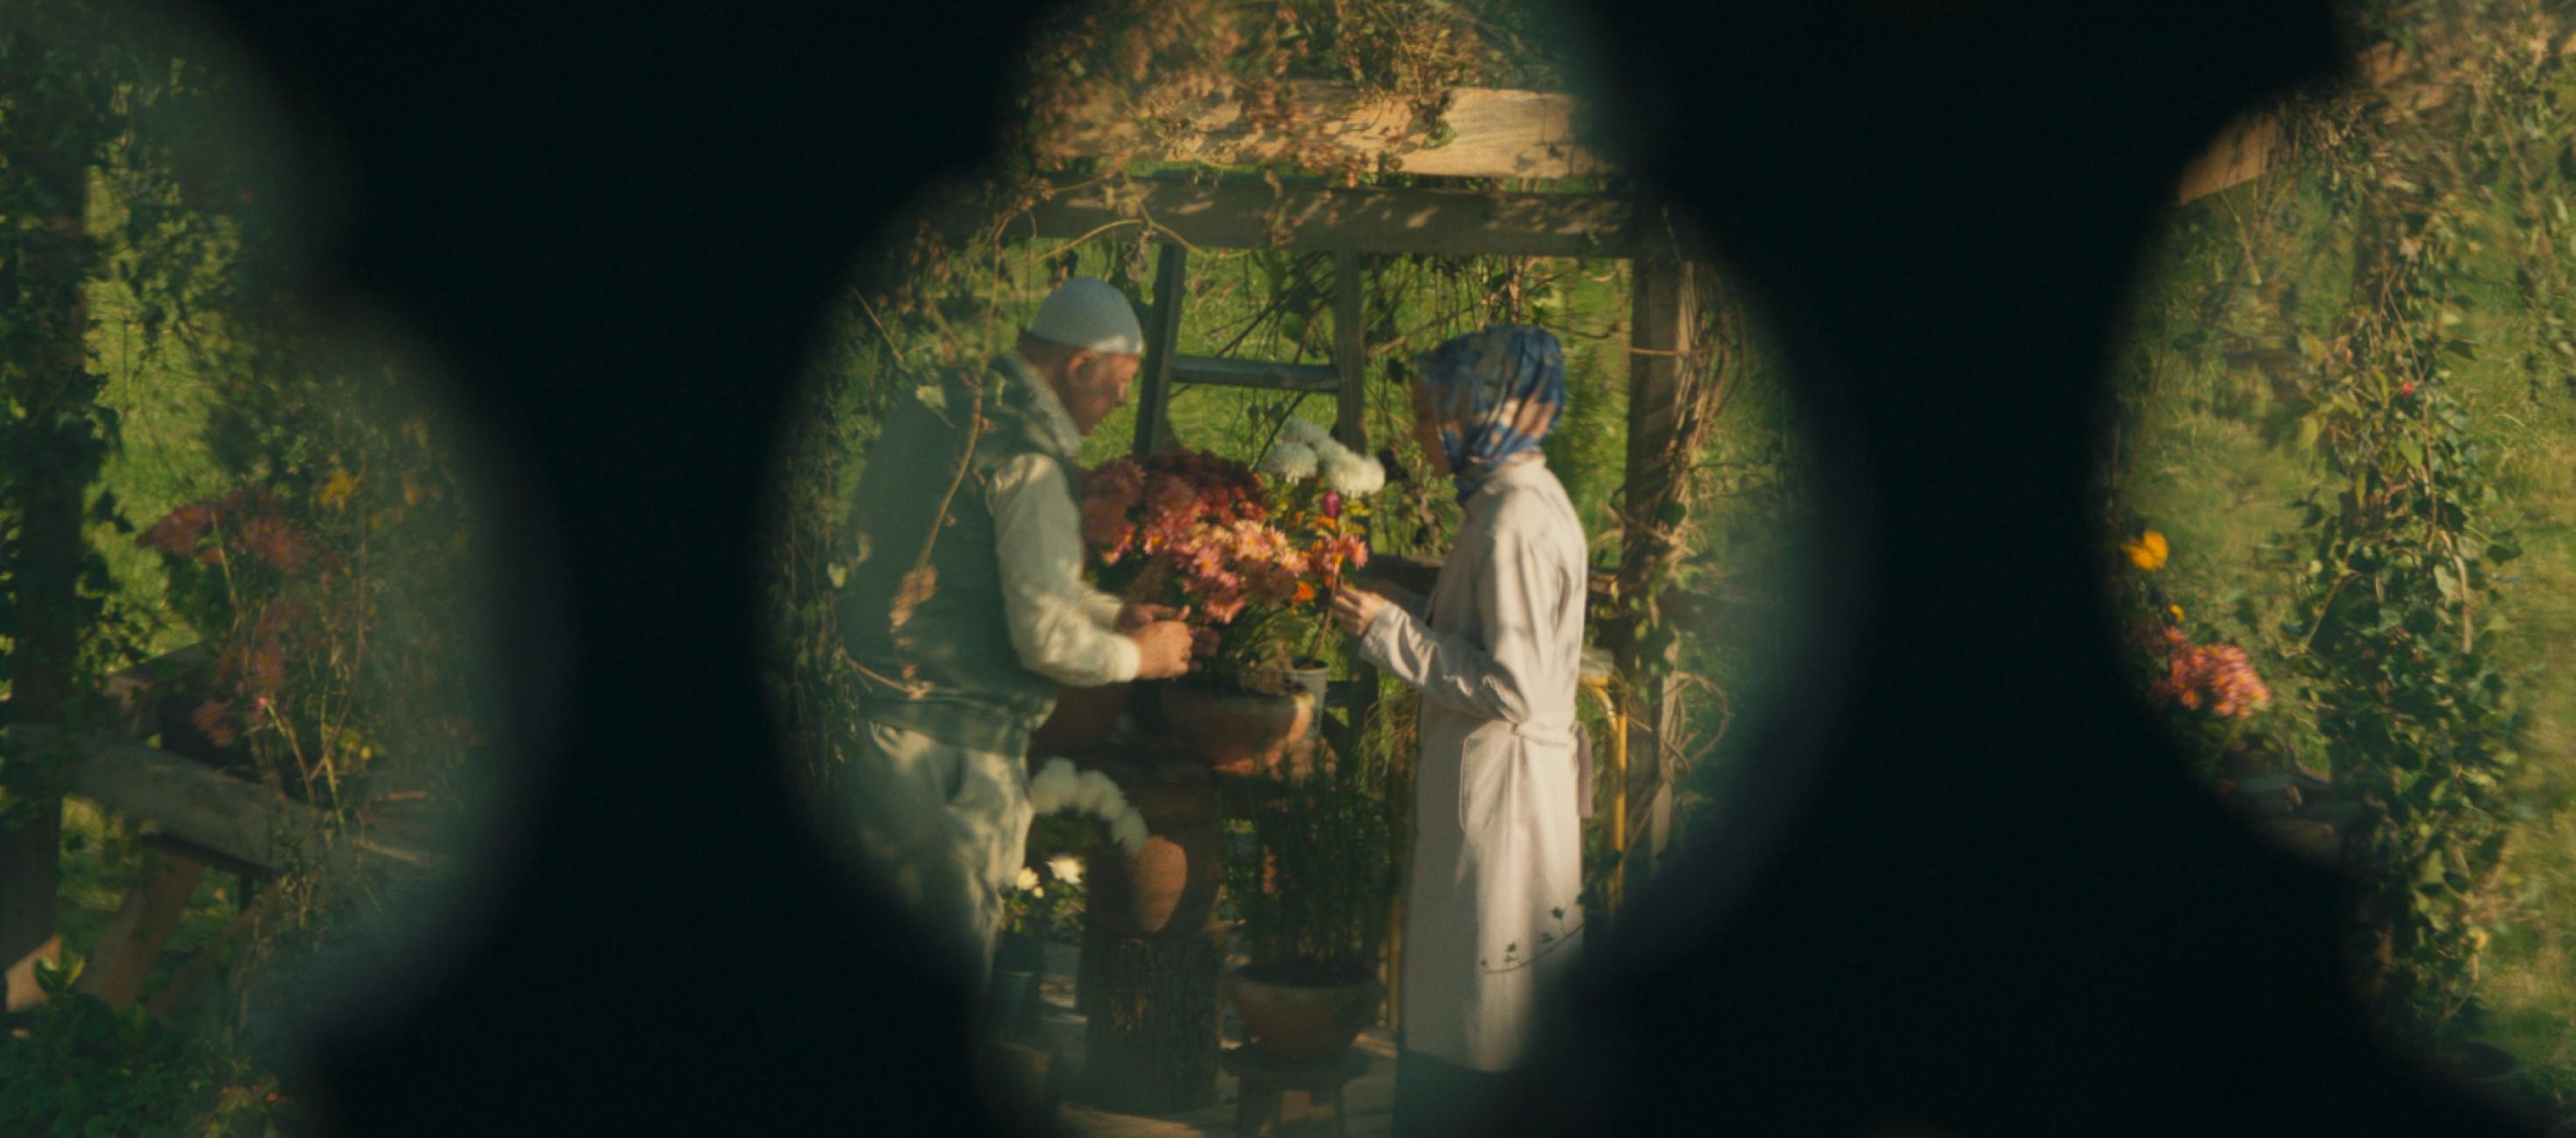 Meryem ve Hoca, cennet gibi yeşil bir bahçede çiçek ekimi üzerine tartışırken, bir çitin arkasından konuşurken görülüyor.